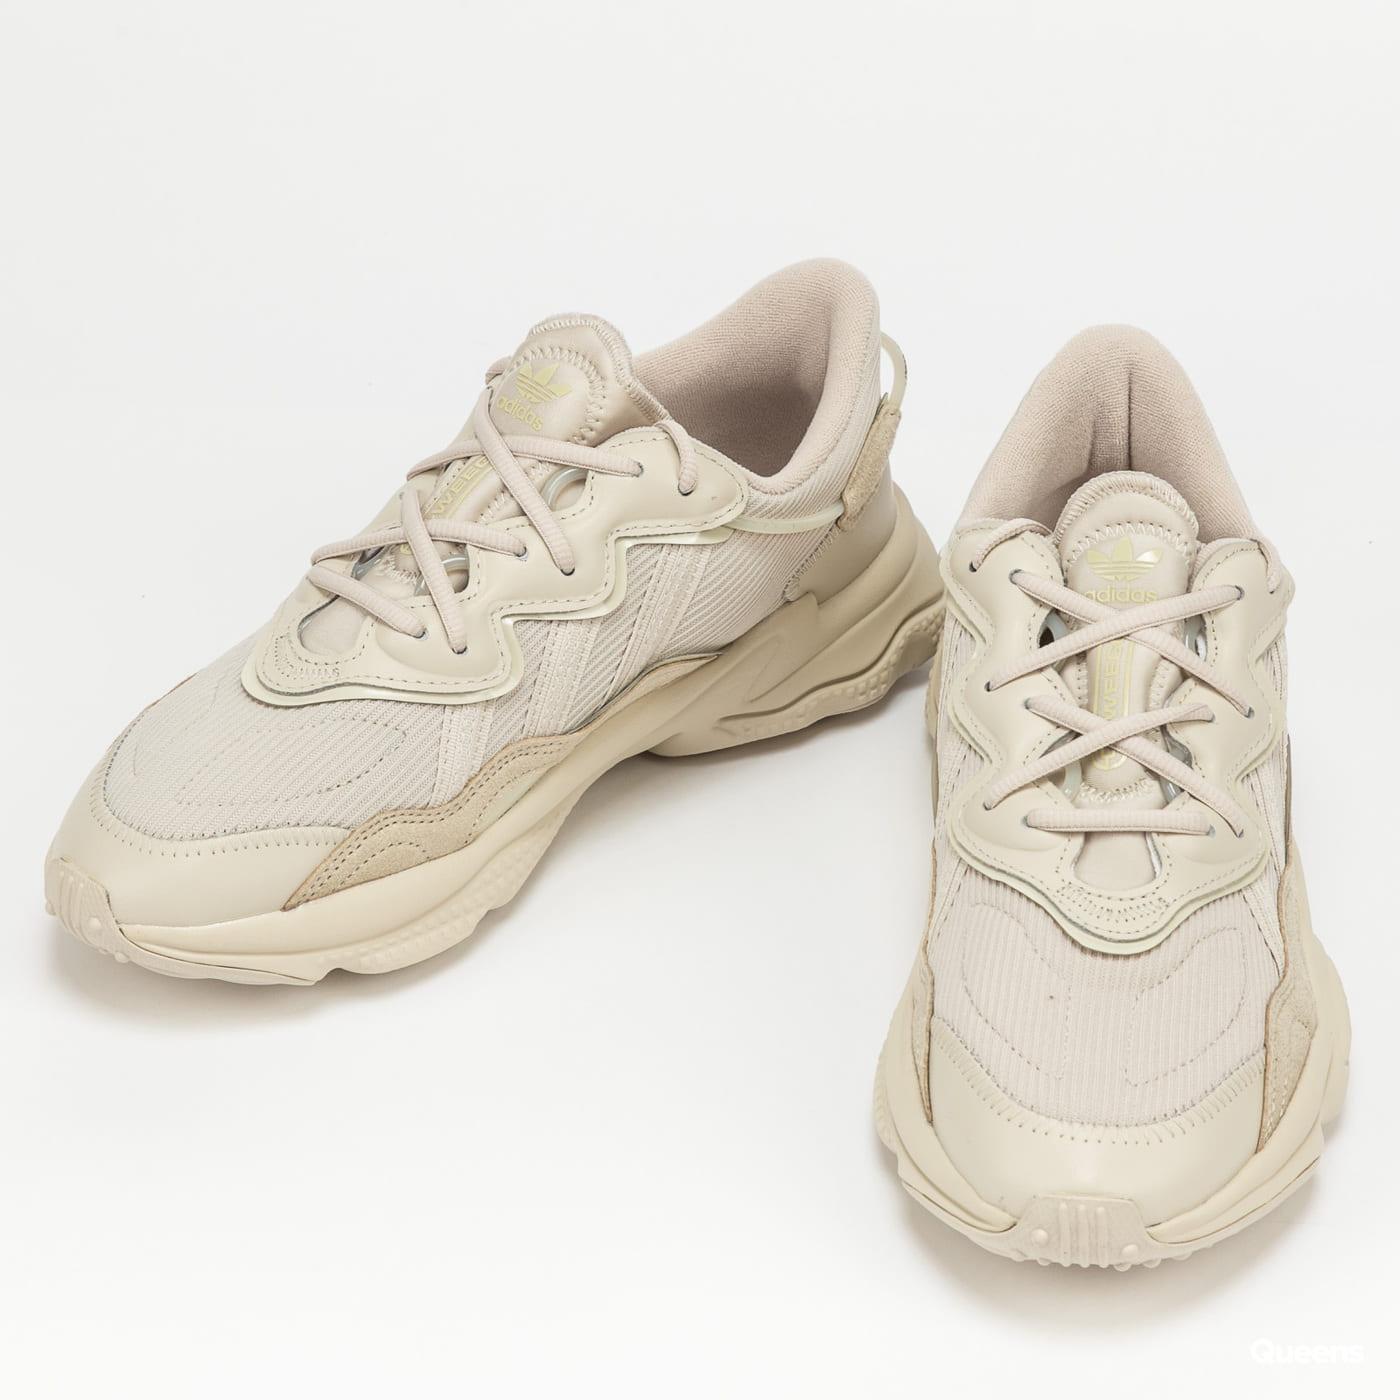 adidas Originals Ozweego cbrown / cbrown / cbrown